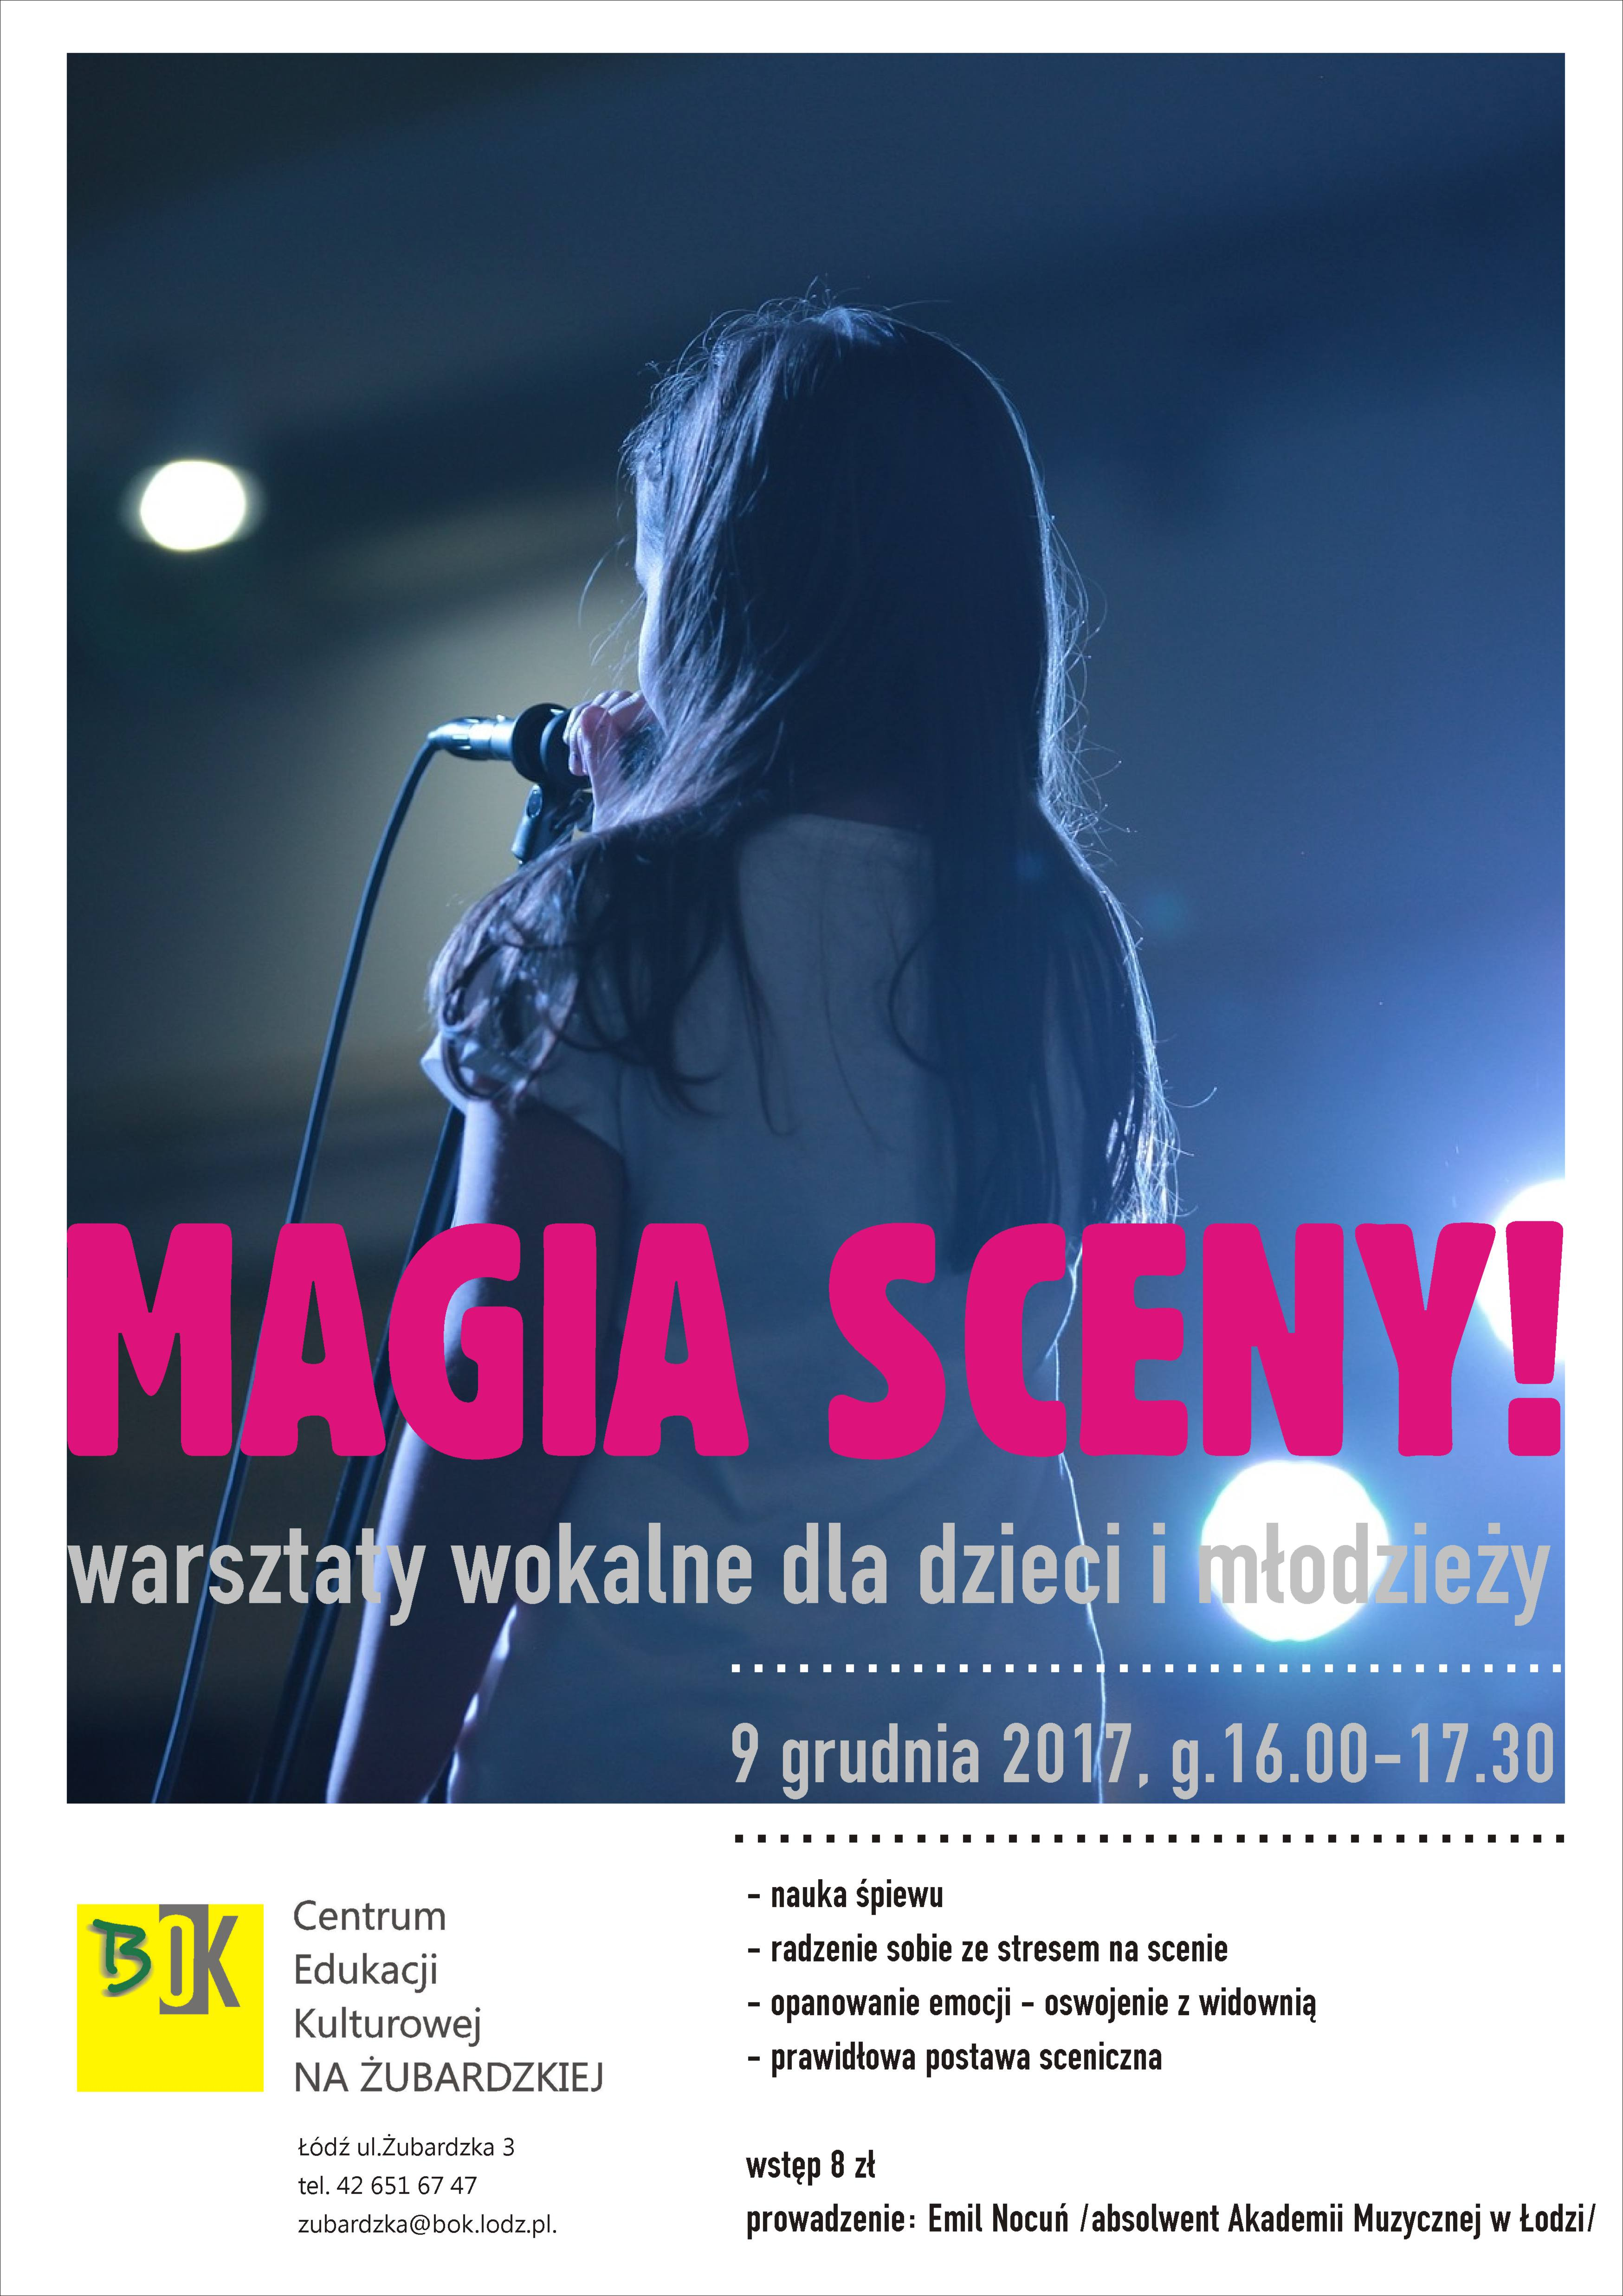 Warsztaty wokalne dla dzieci i młodzieży na Żubardzkiej